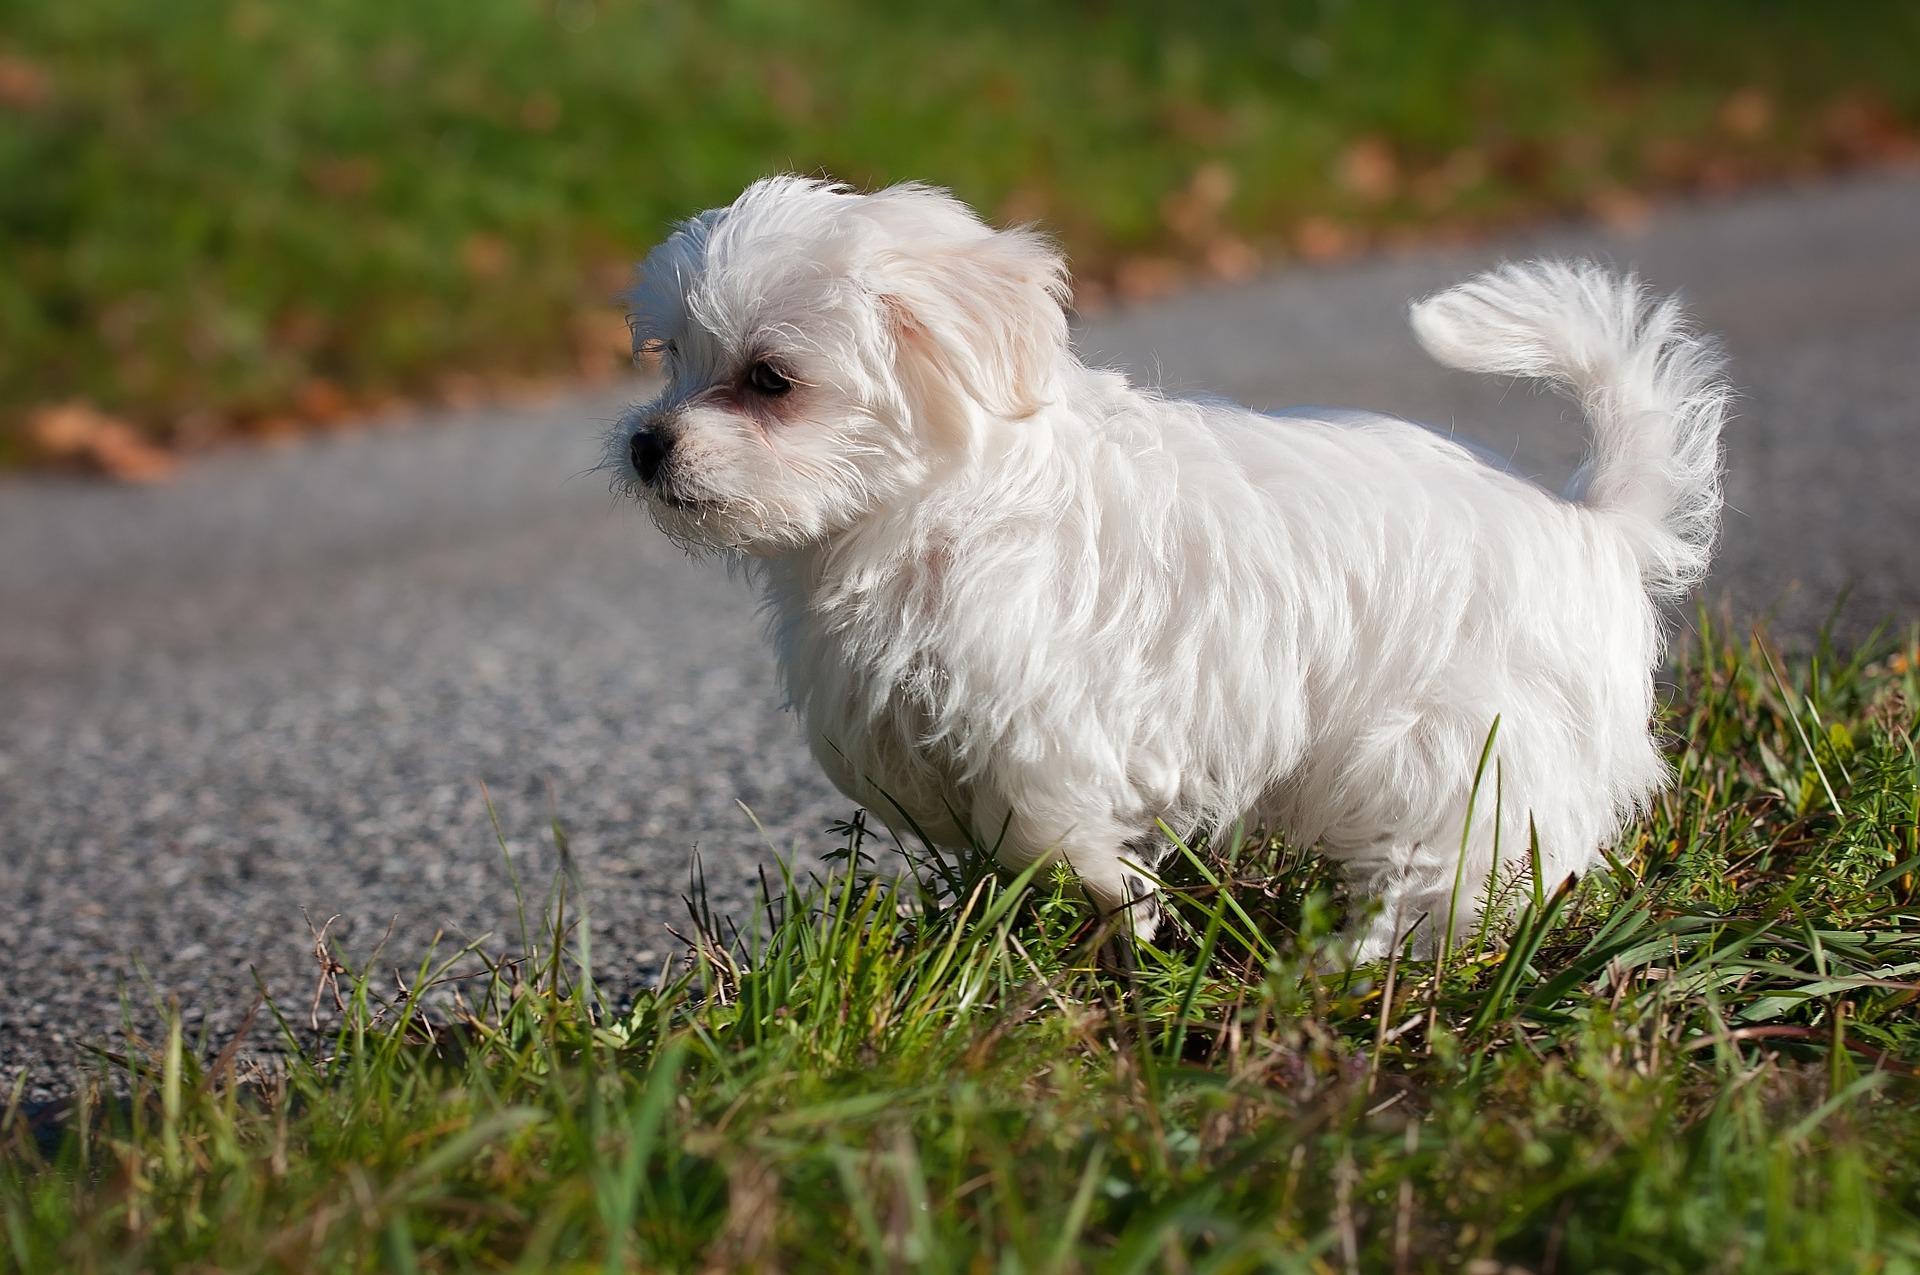 Hund stubenrein bekommen: Tipps wie dein Hund stubenrein wird